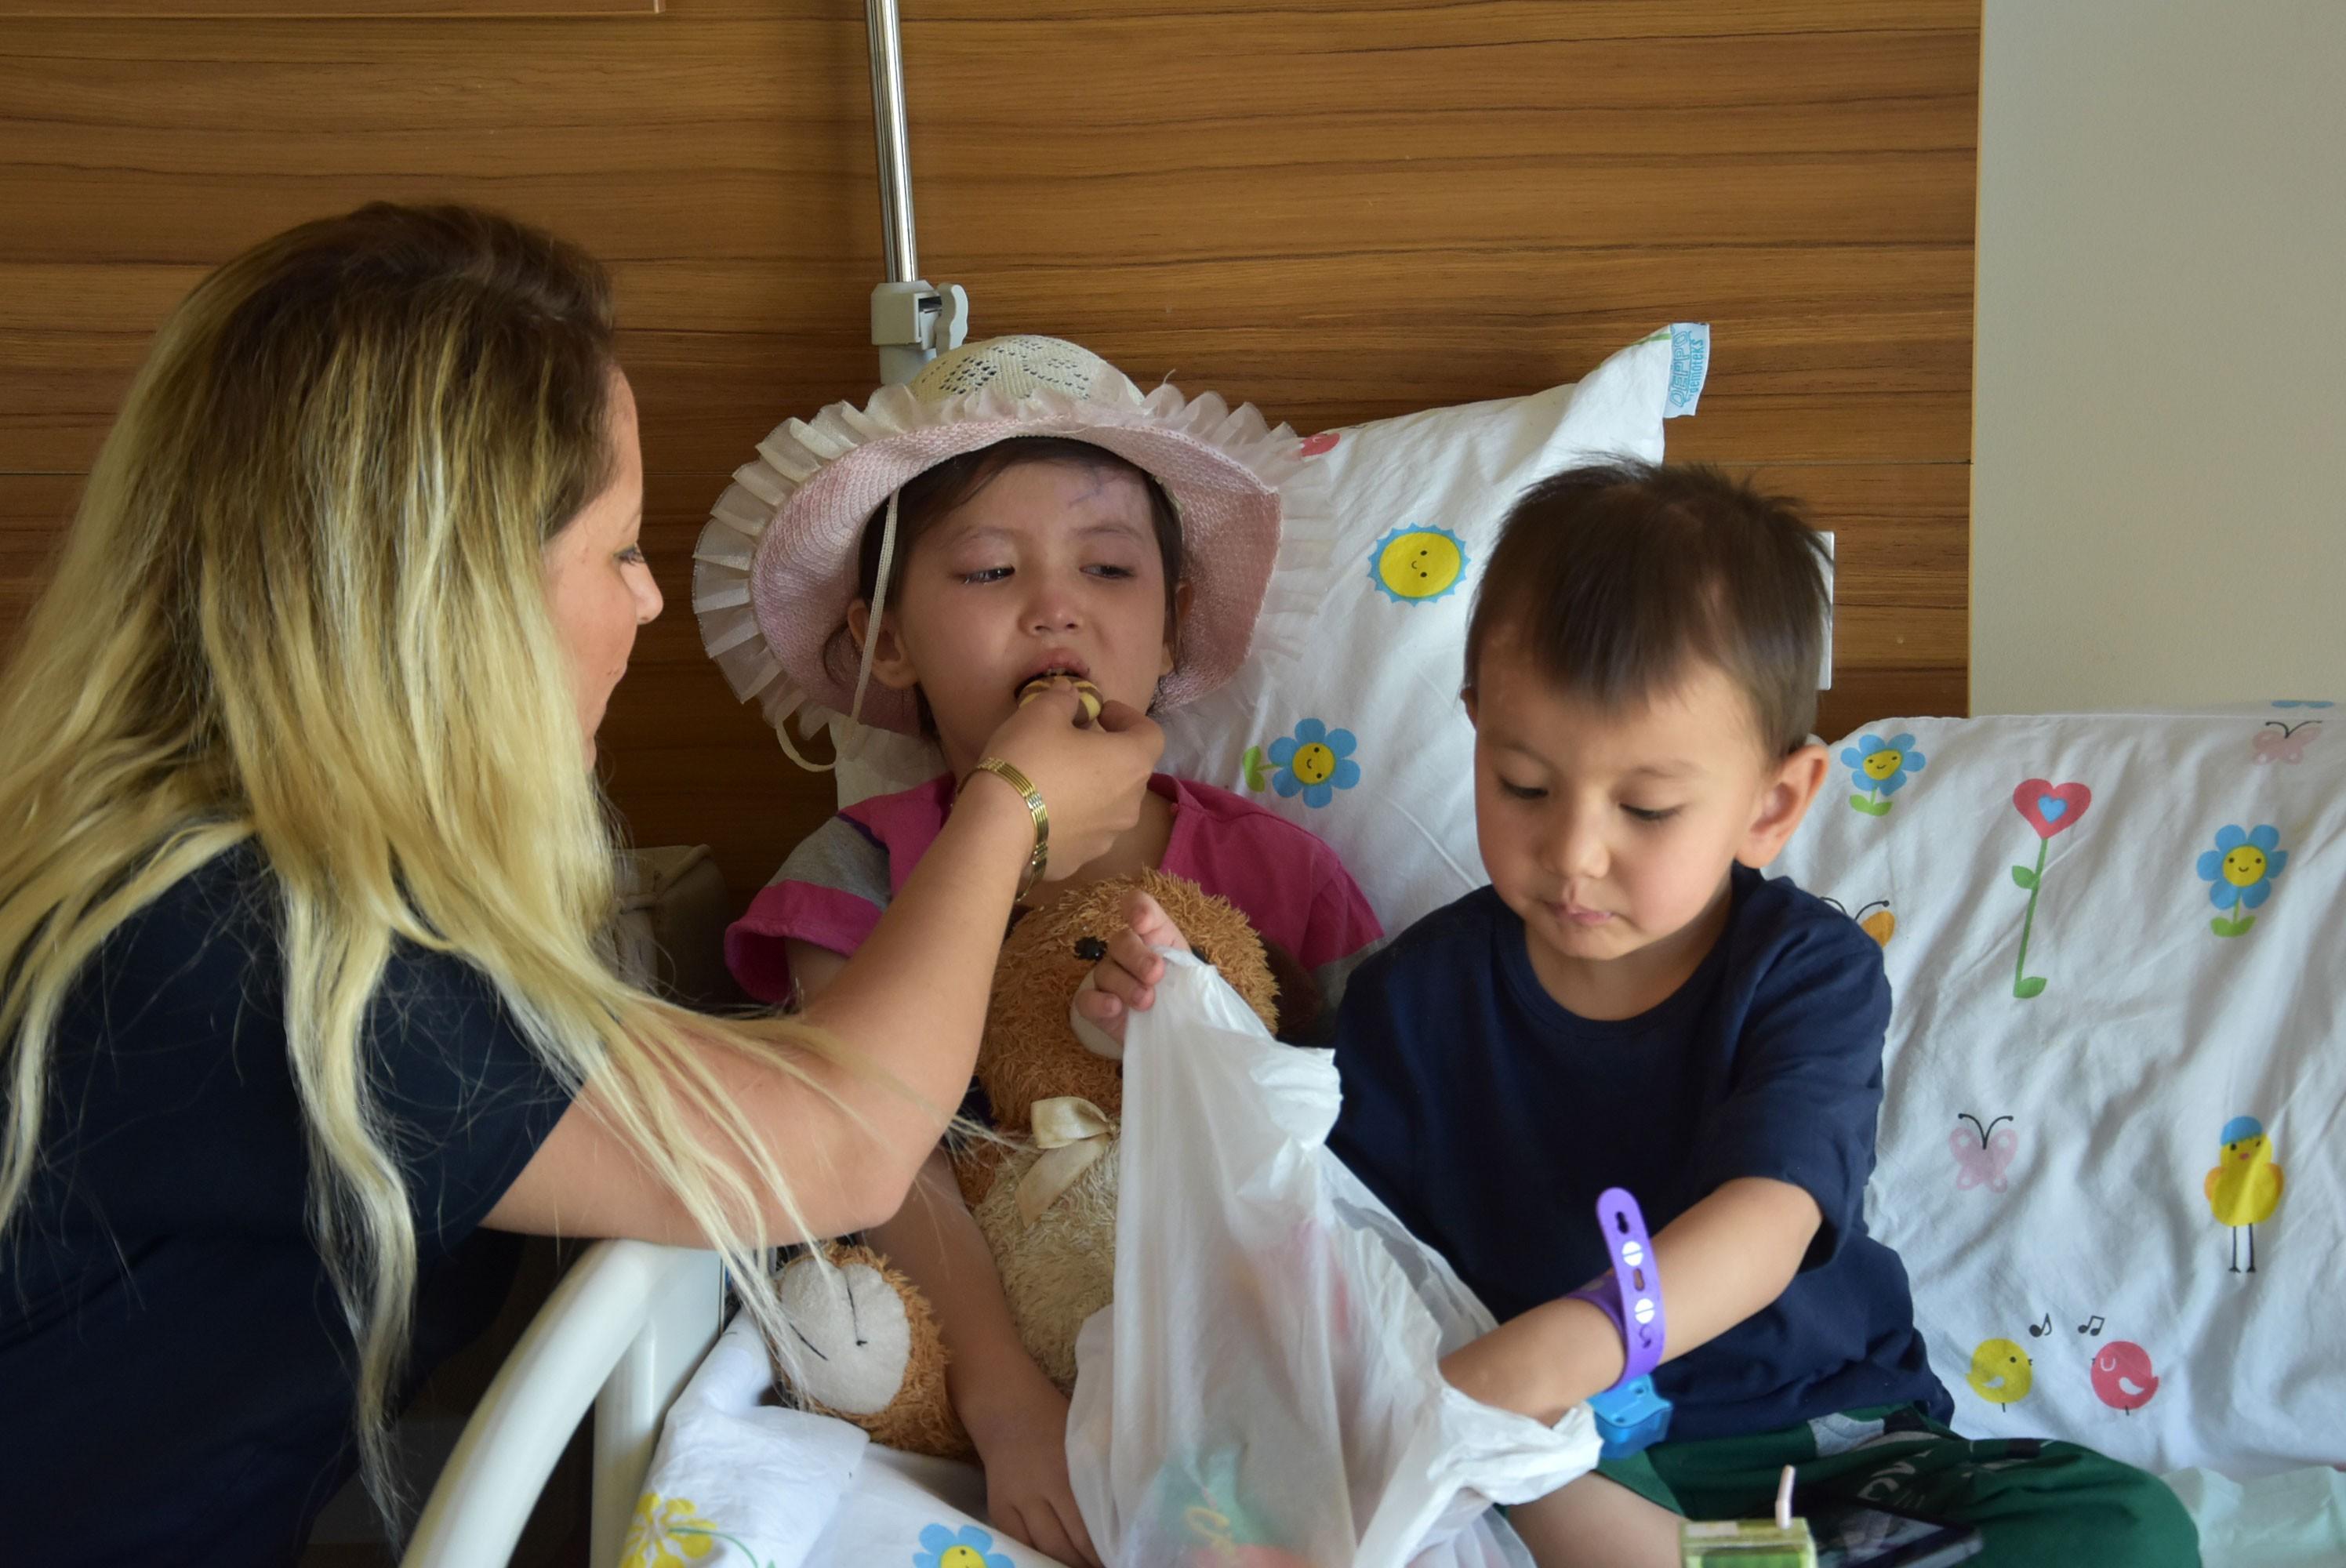 Annelerini kaybeden Afgan çocuklara şefkat